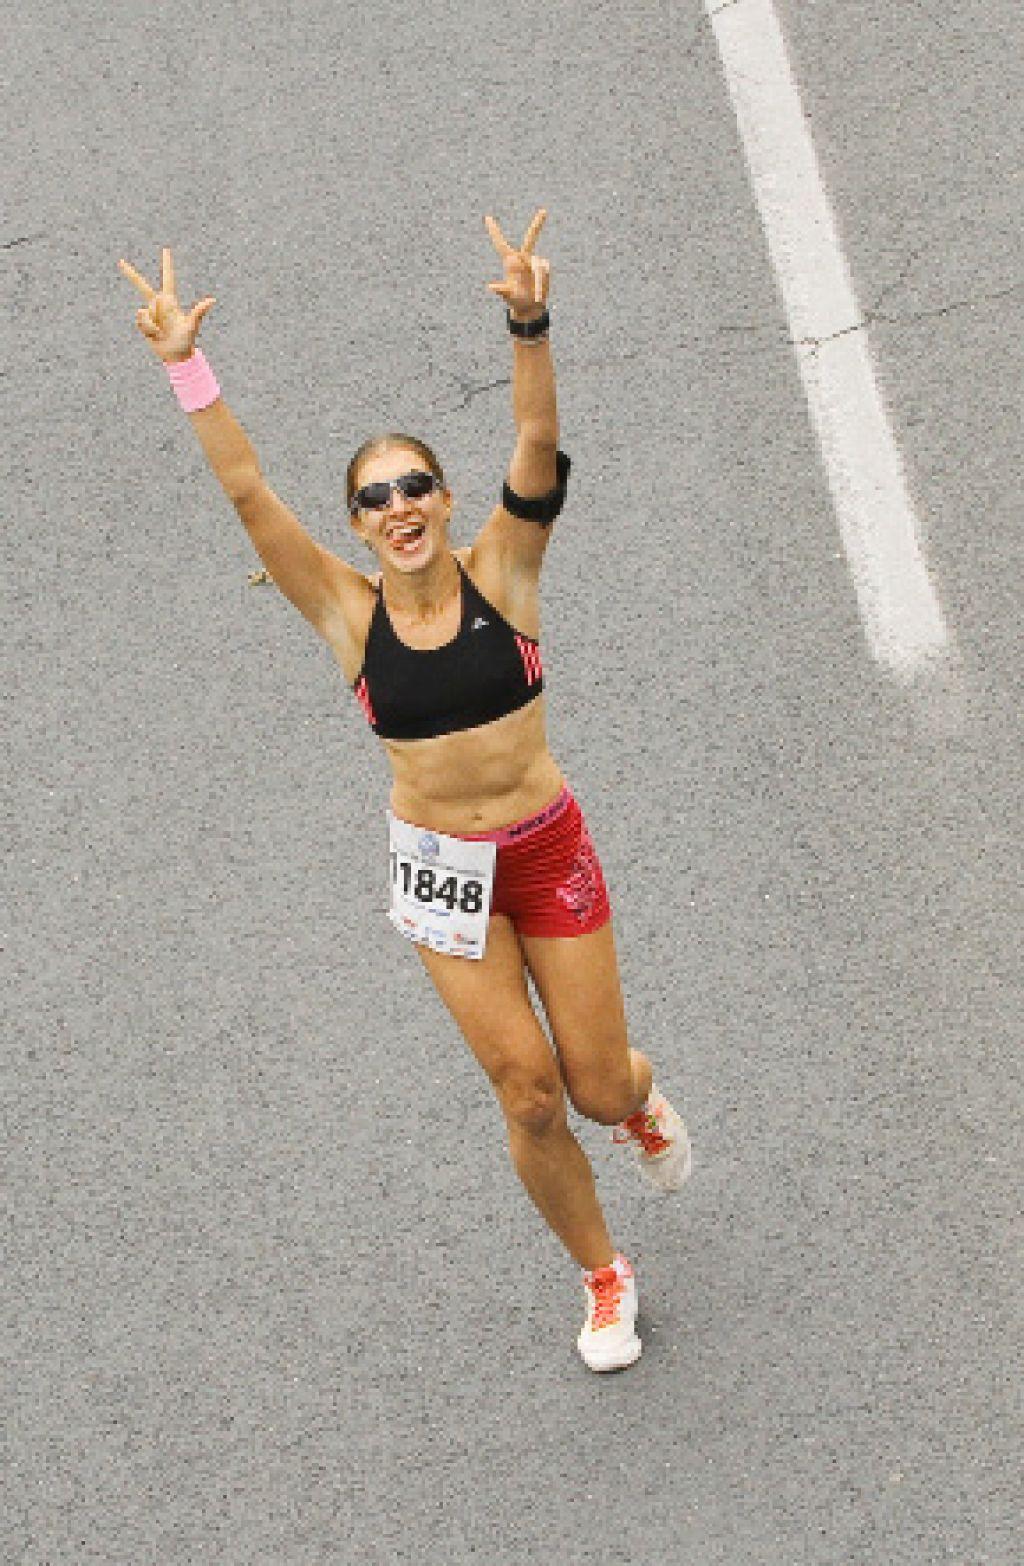 Polet O2:  Najboljši nasveti za vaš maraton - leta 2017